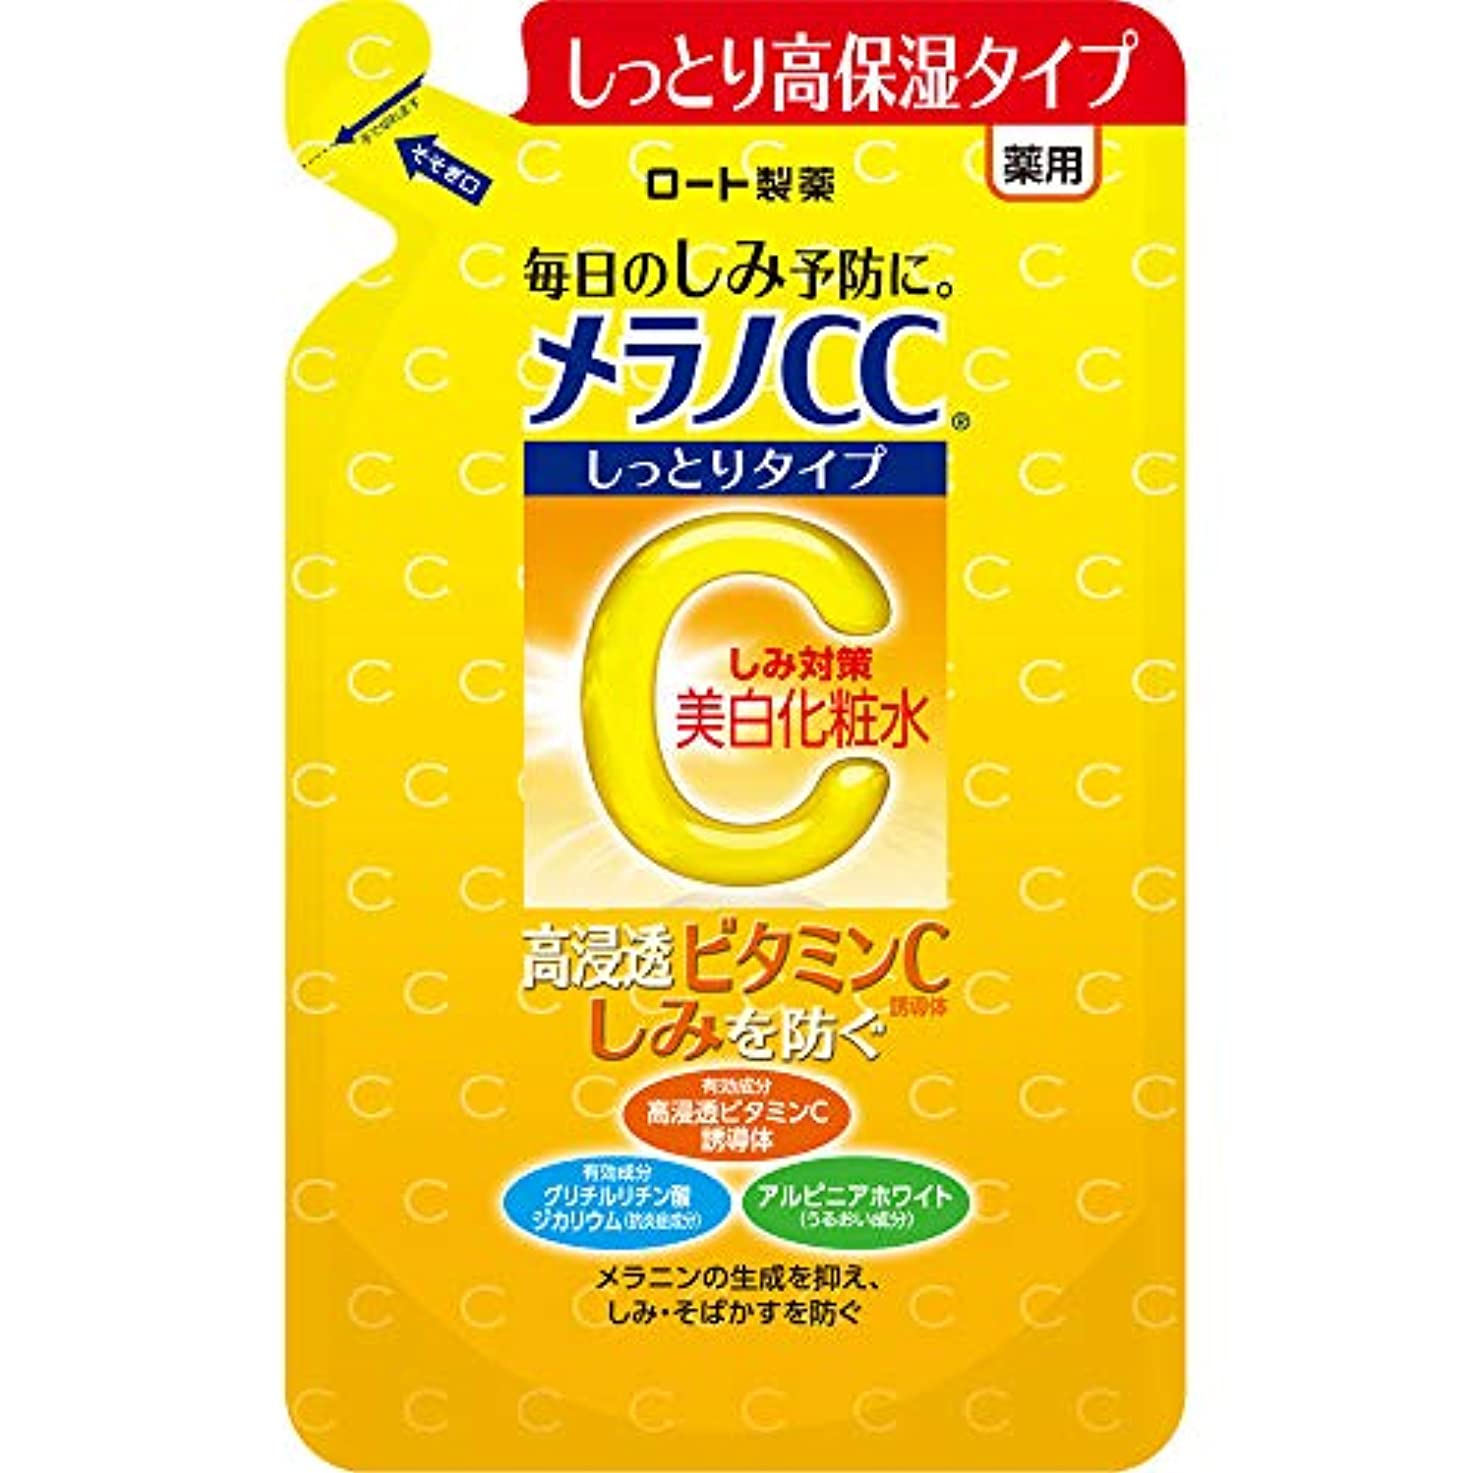 エチケットスパイラル有効化メラノCC 薬用しみ対策美白化粧水 しっとりタイプ つめかえ用 170mL